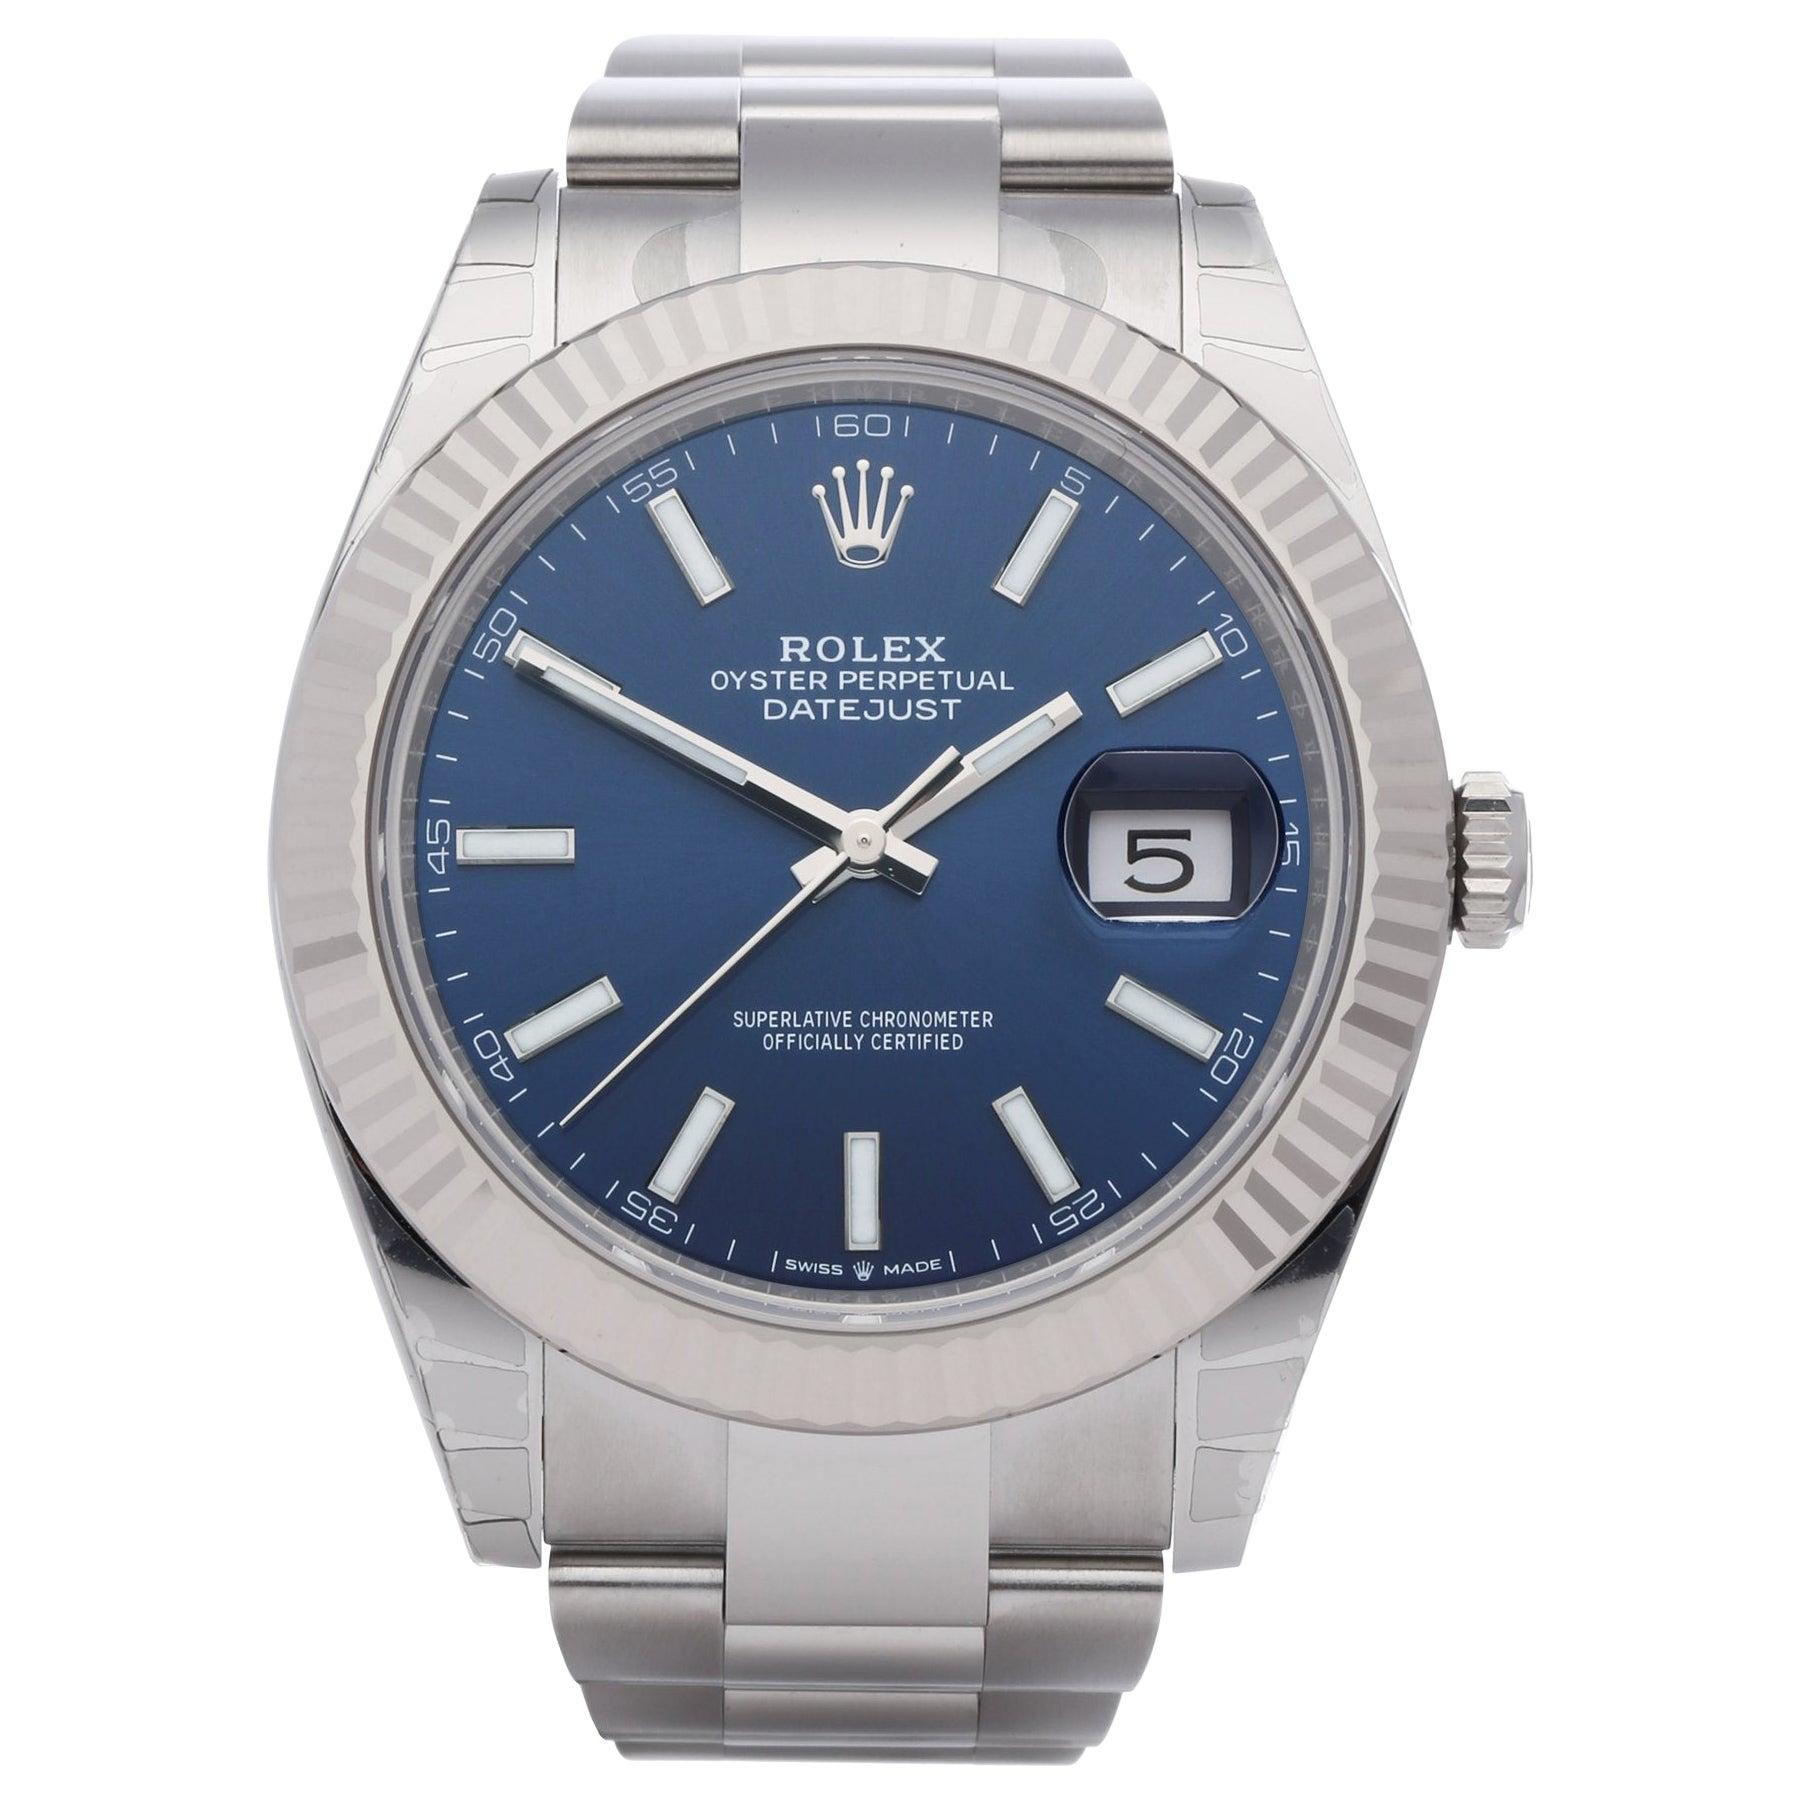 Rolex Datejust 126334 Men's Stainless Steel Watch